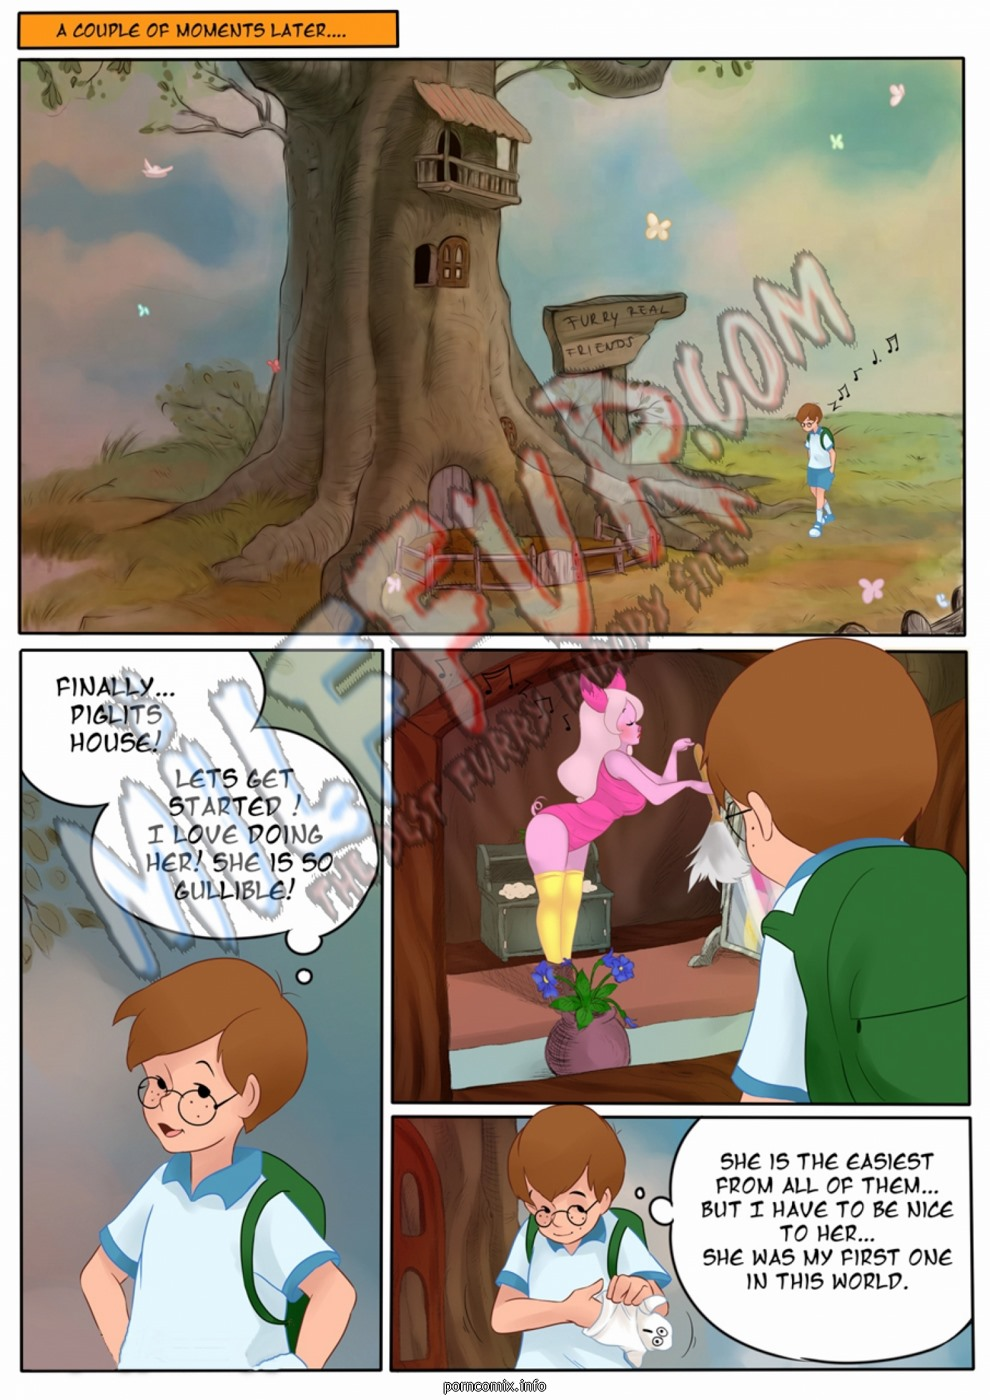 Porn winnie pooh Winnie Pooh's